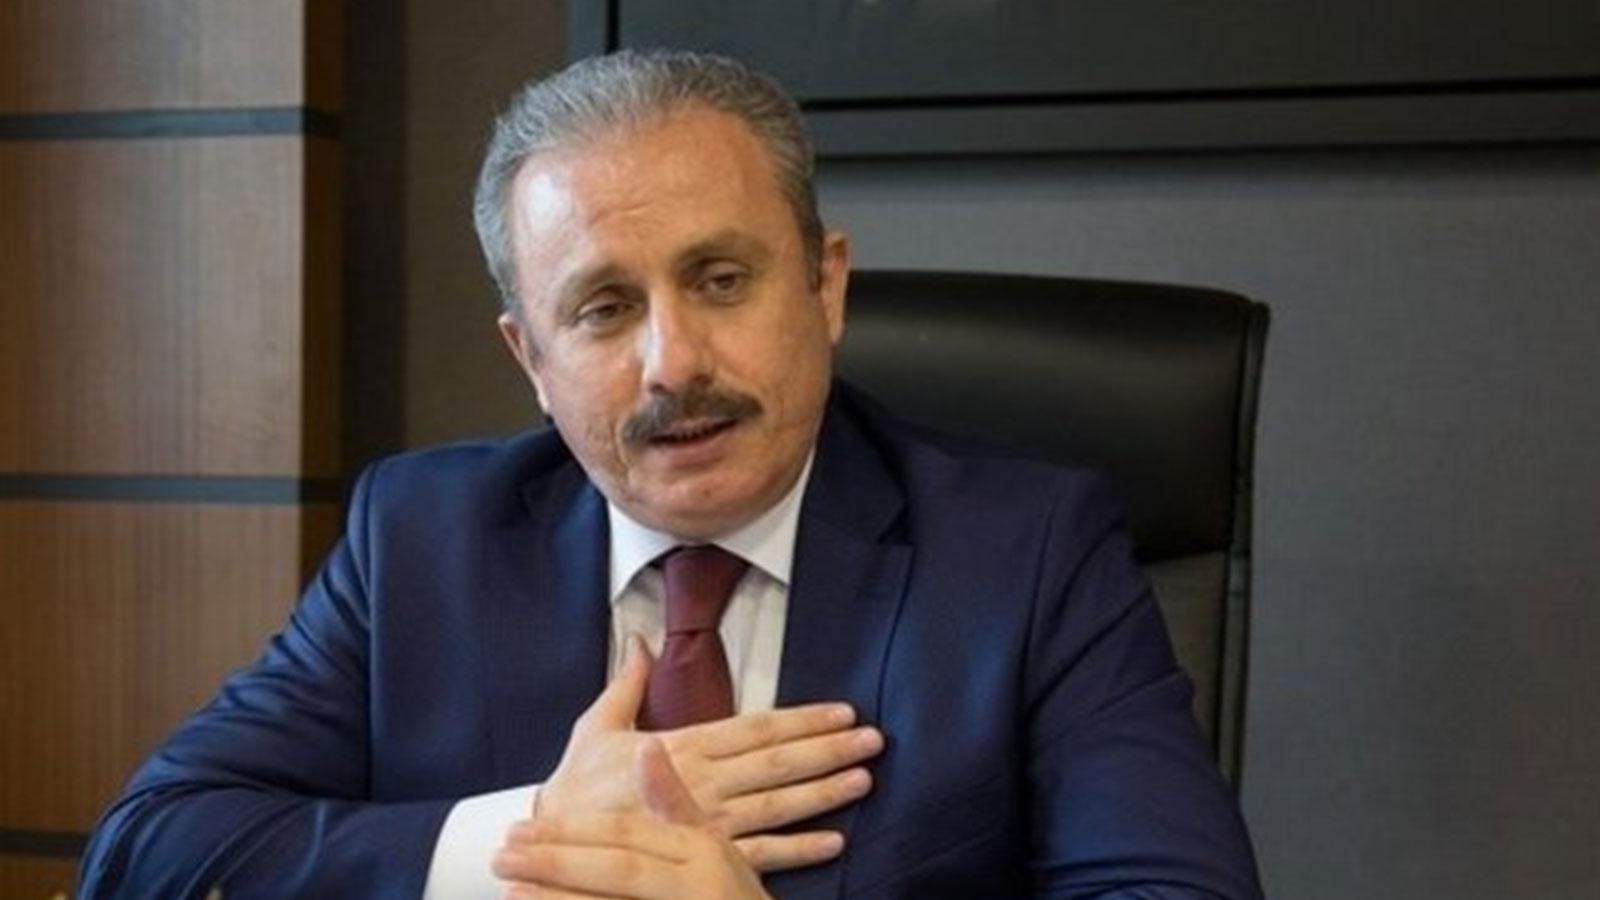 Meclis Başkanı Şentop: Türkiye hedeflerine ulaşmıştır